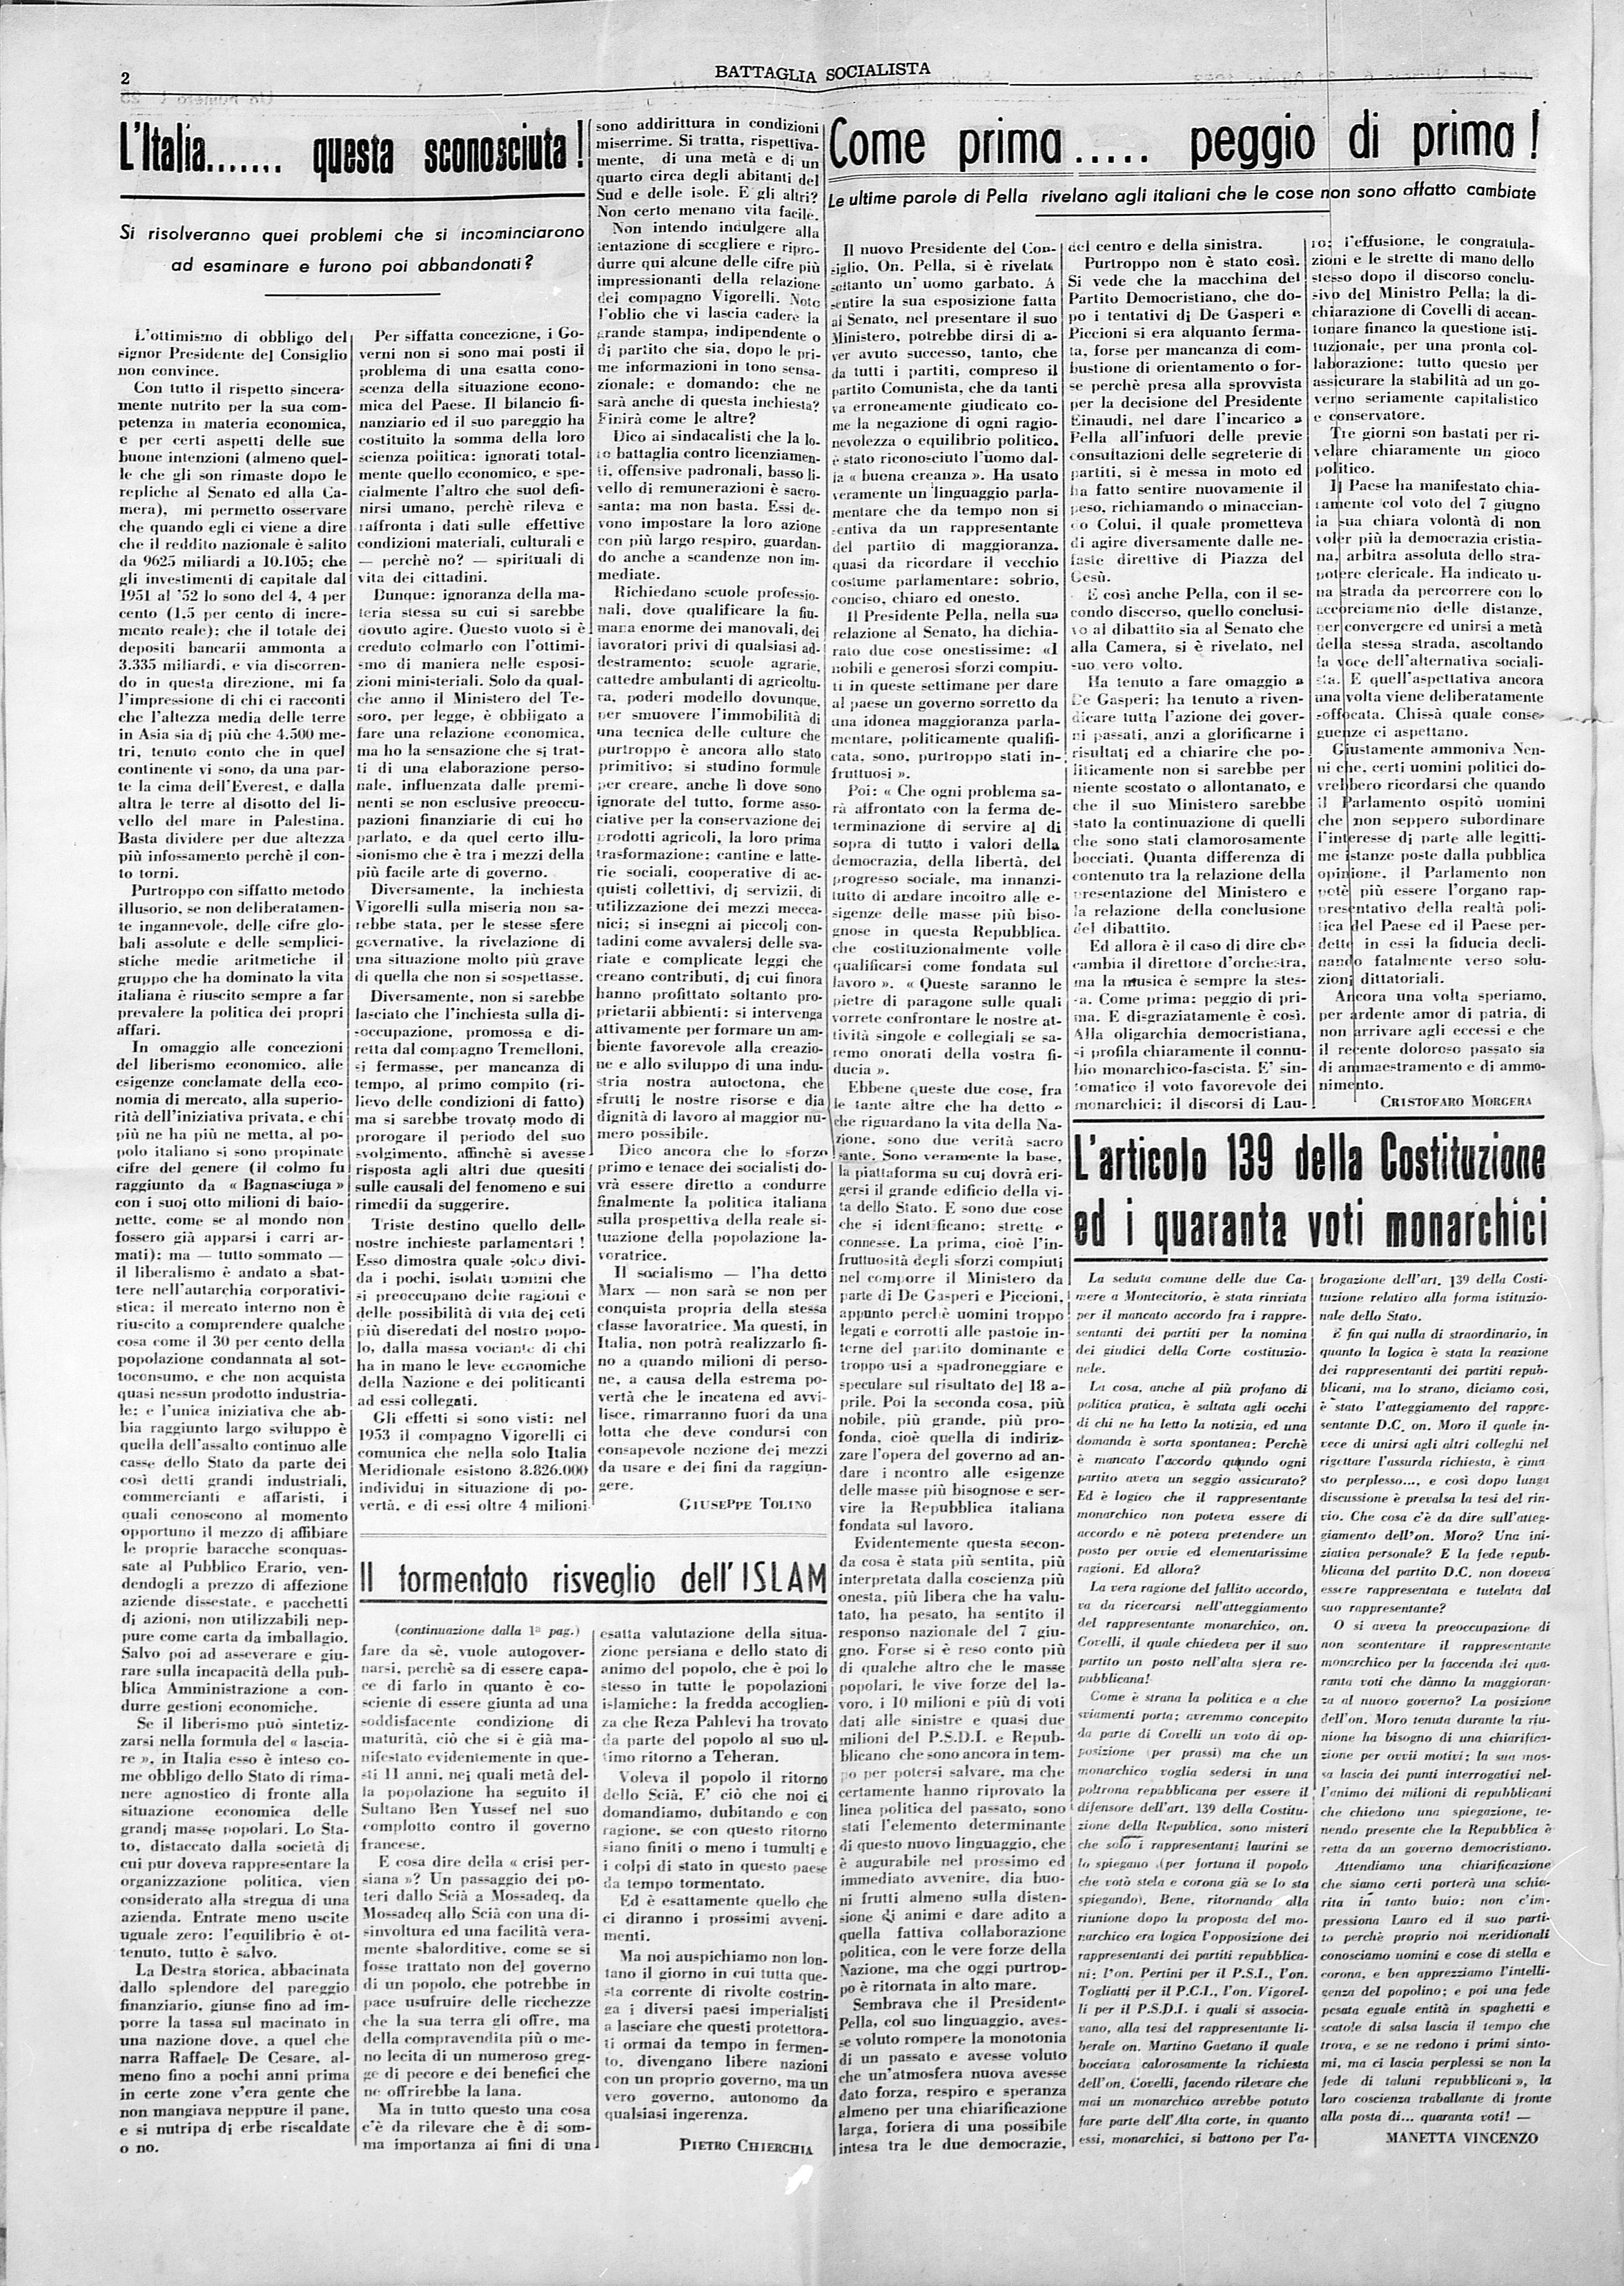 Battaglia Socialista n. 6 - pag. 02